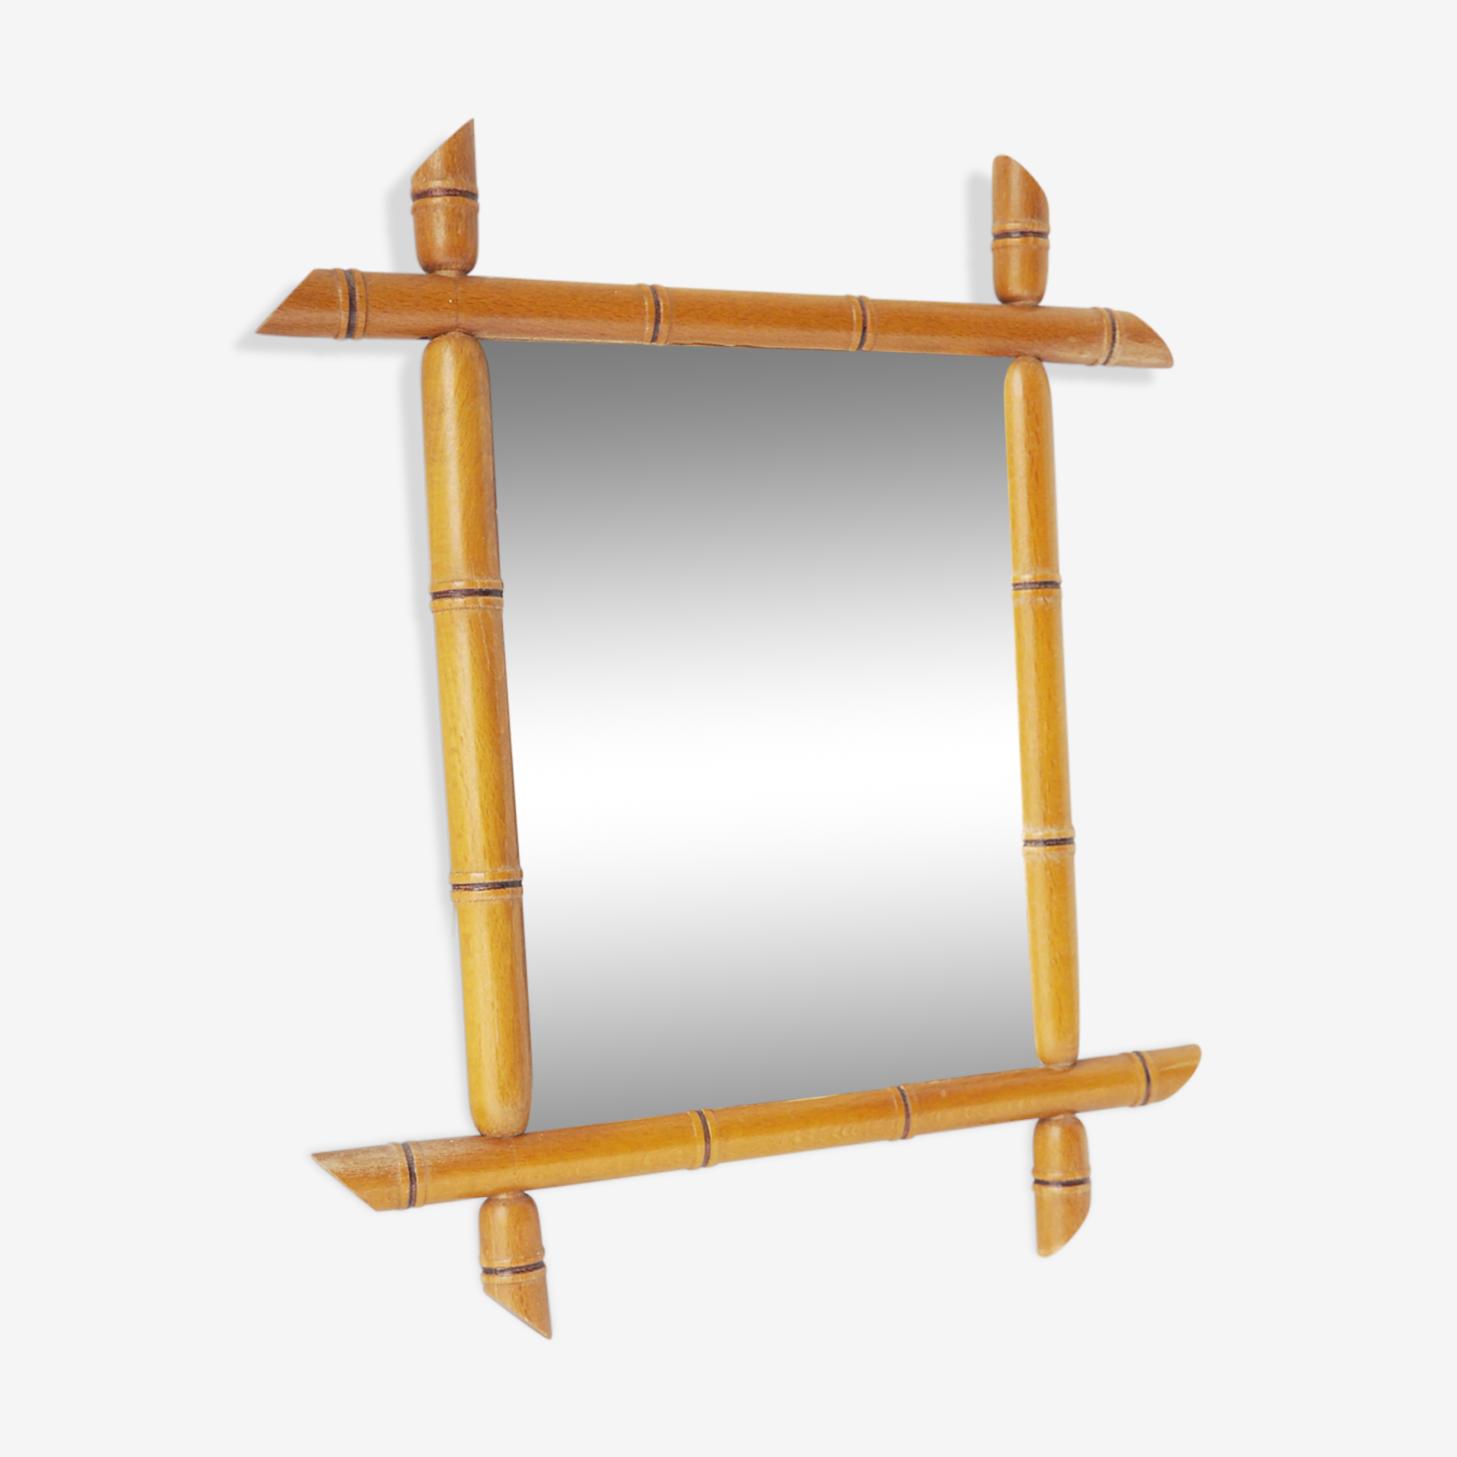 Miroir bambou 36x31cm